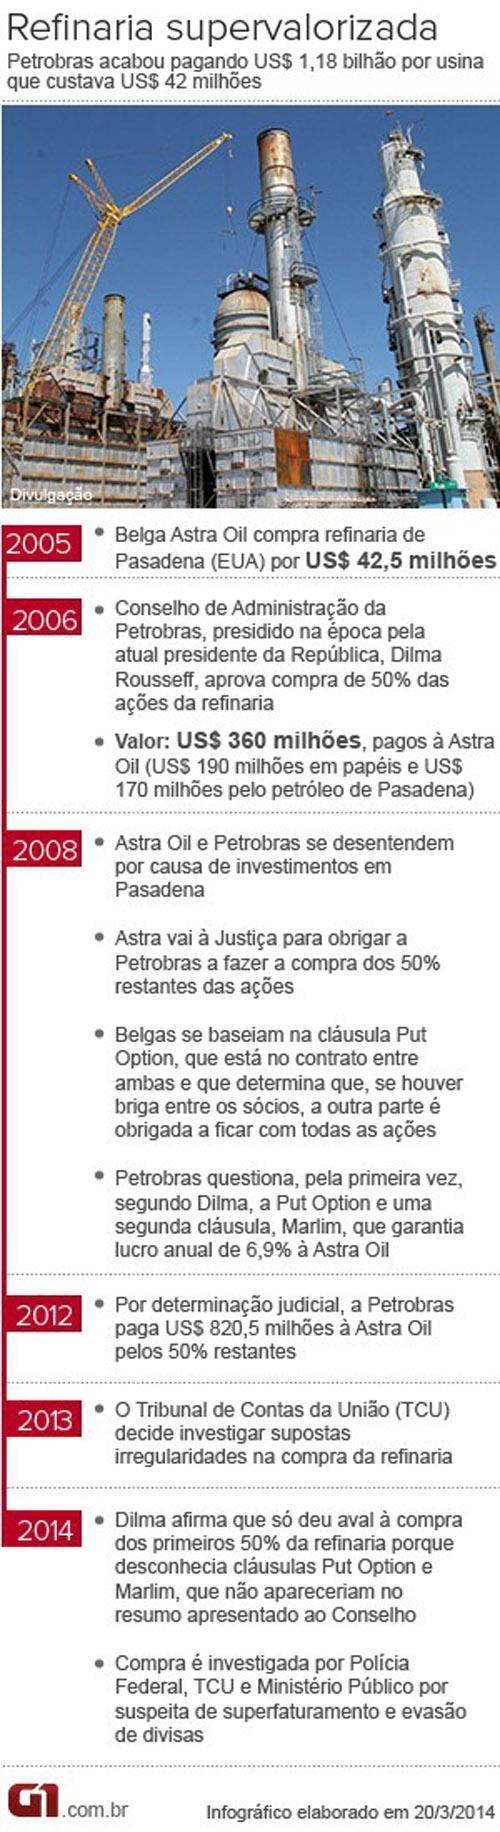 Regras da compra de refinaria foram omitidas, de acordo com ata